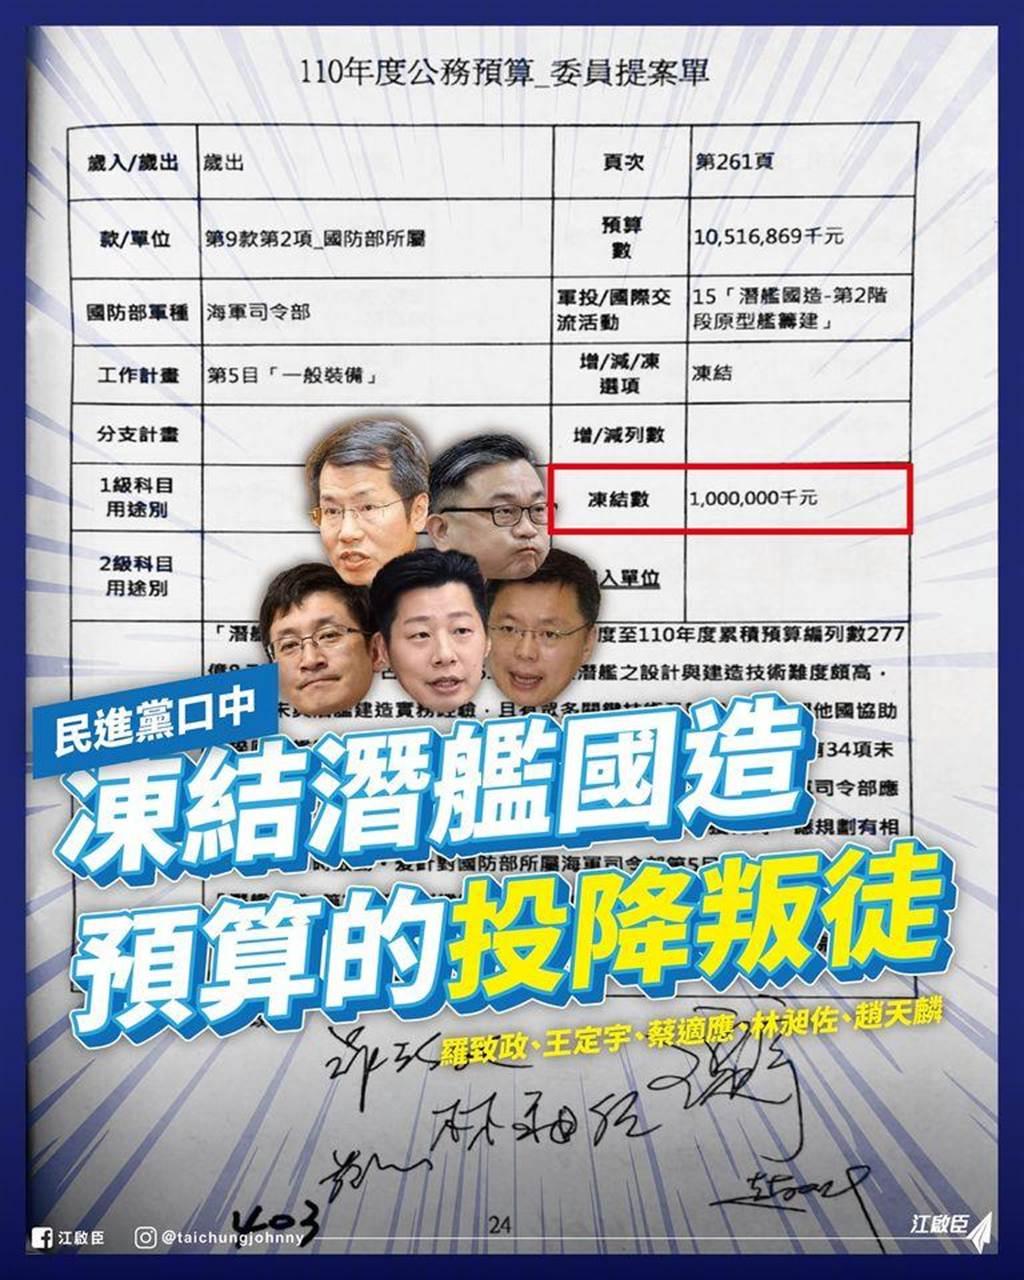 國民黨立委江啟臣質疑,若凍結預算是投降,那擋國際疫苗就是謀財害命。(摘自江啟臣臉書)